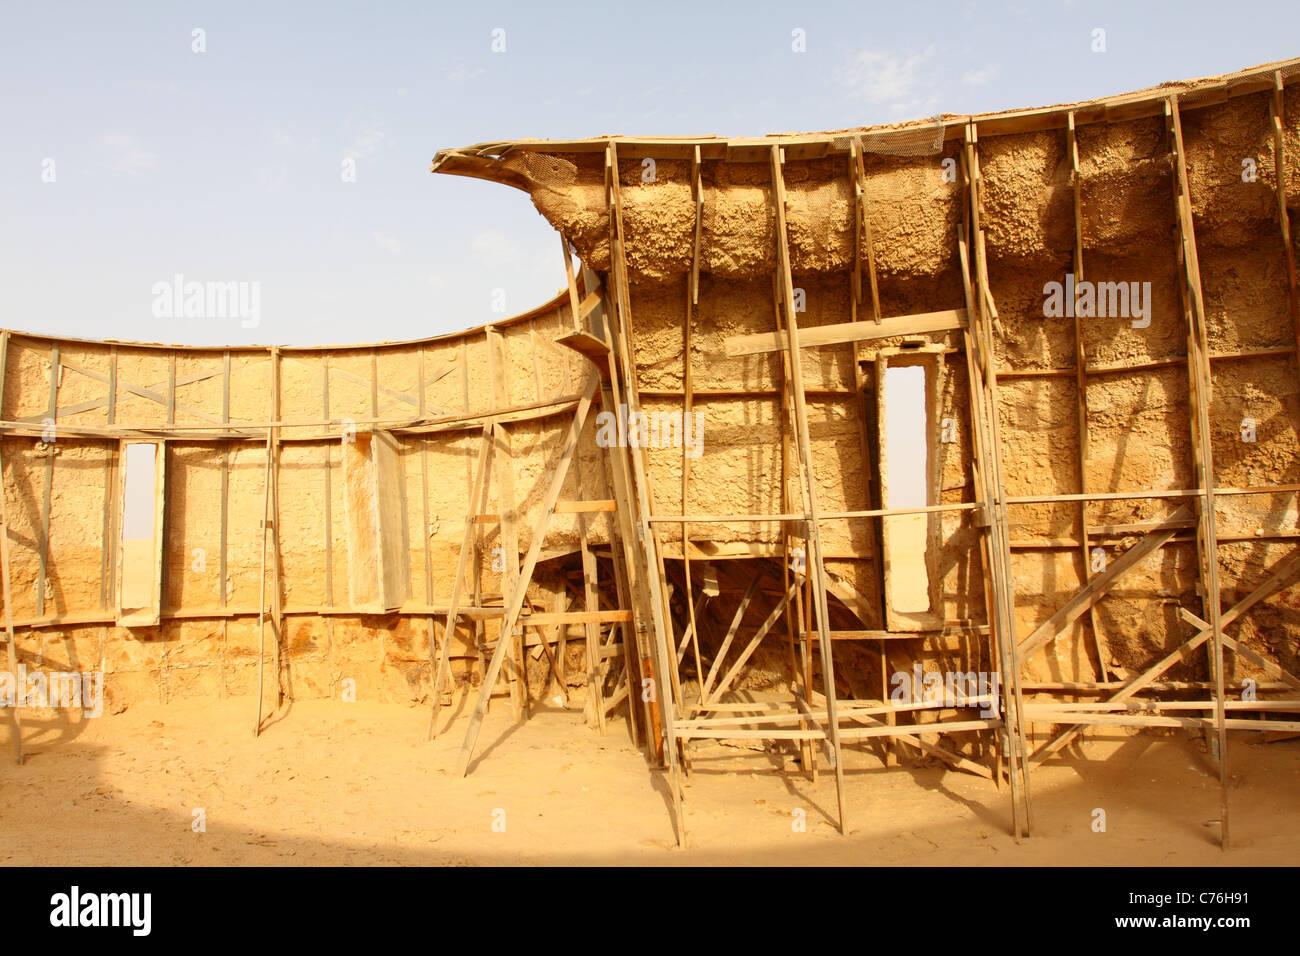 Lo scenario per il film di Star Wars in Tunisia Immagini Stock